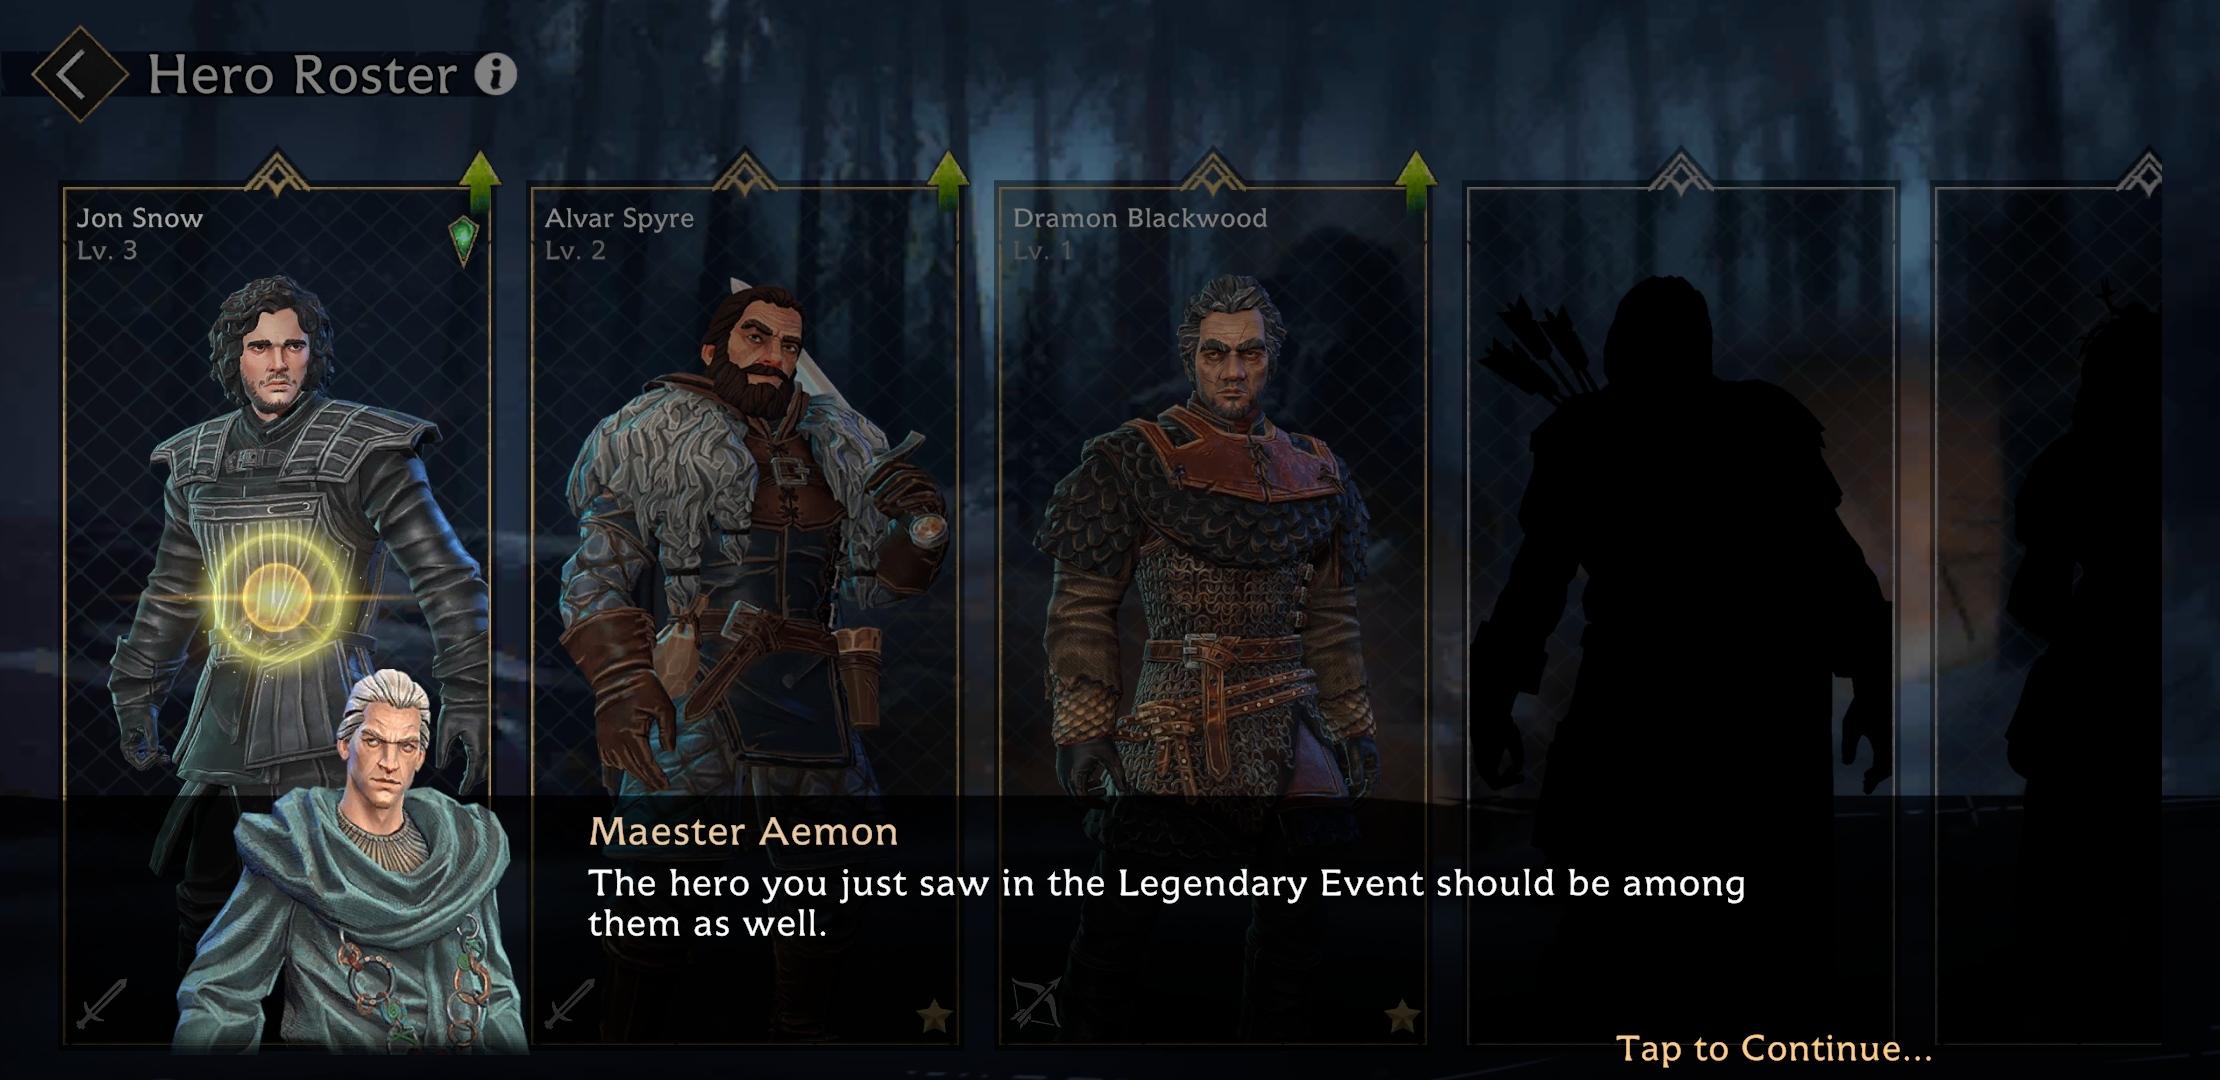 Utiliser des héros comme Jon Snow et une sélection de tout nouveaux uniques au jeu